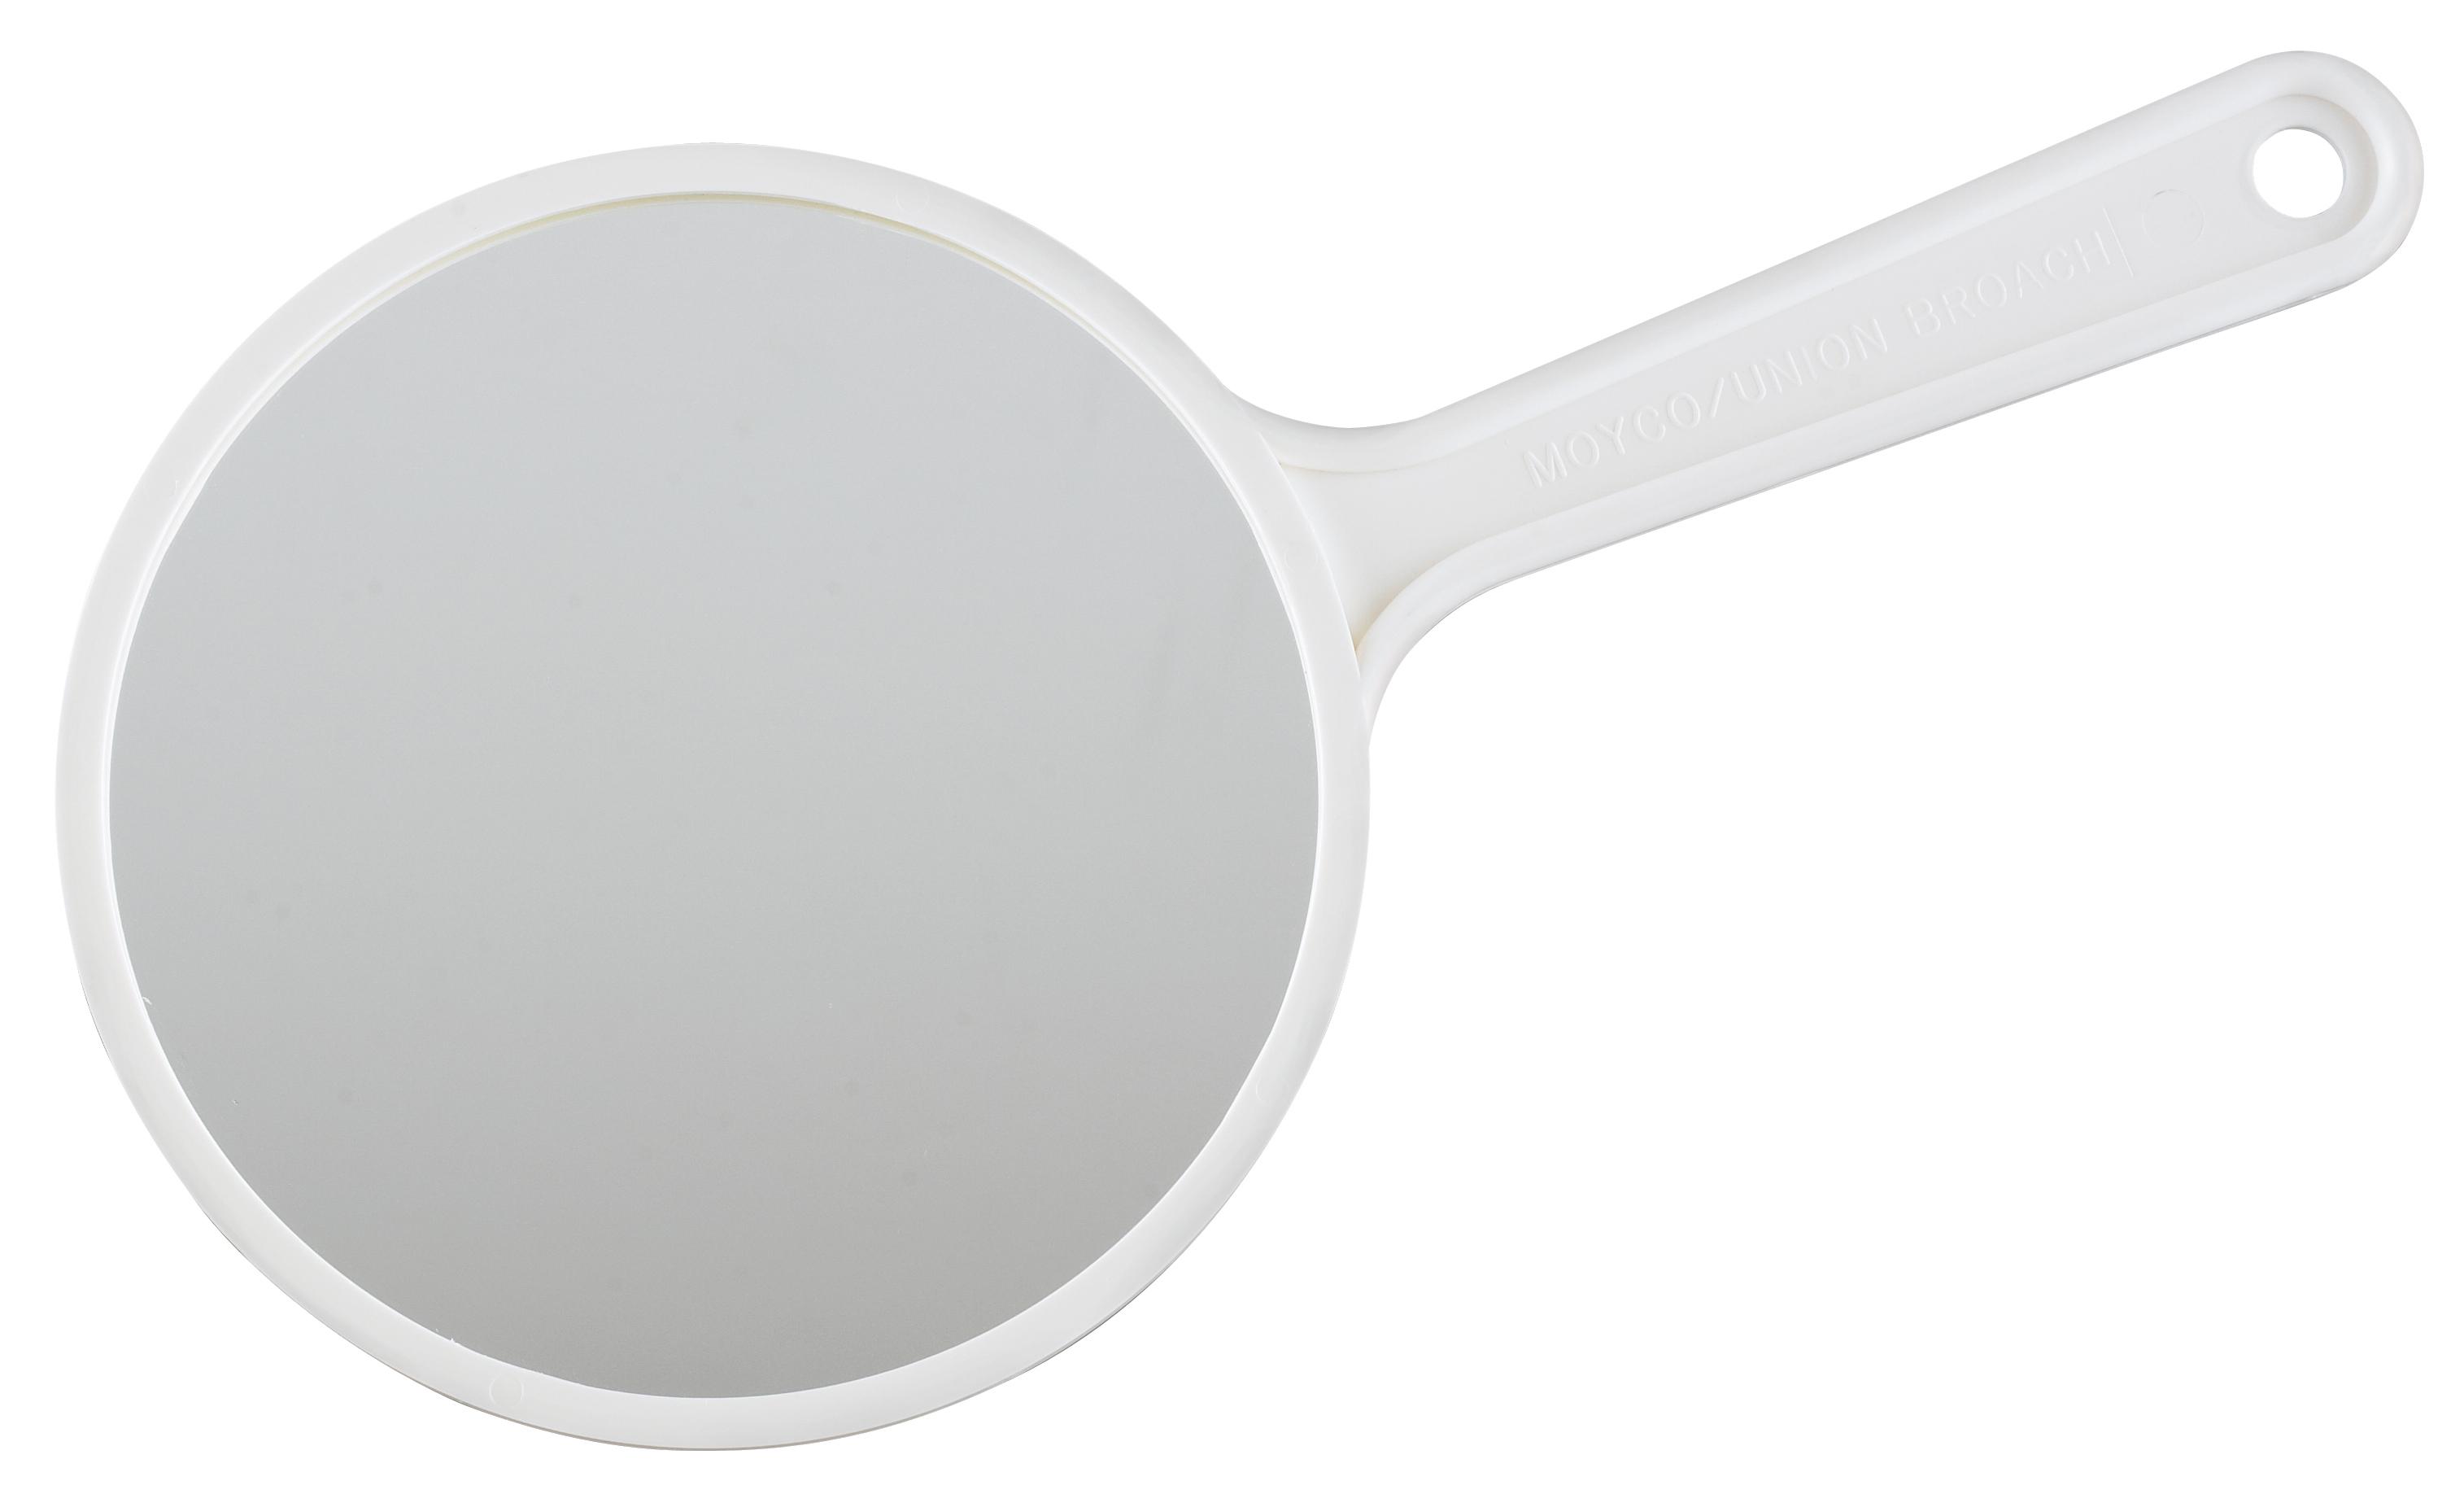 hand-mirror-802-5-017-26844-miltex.jpg